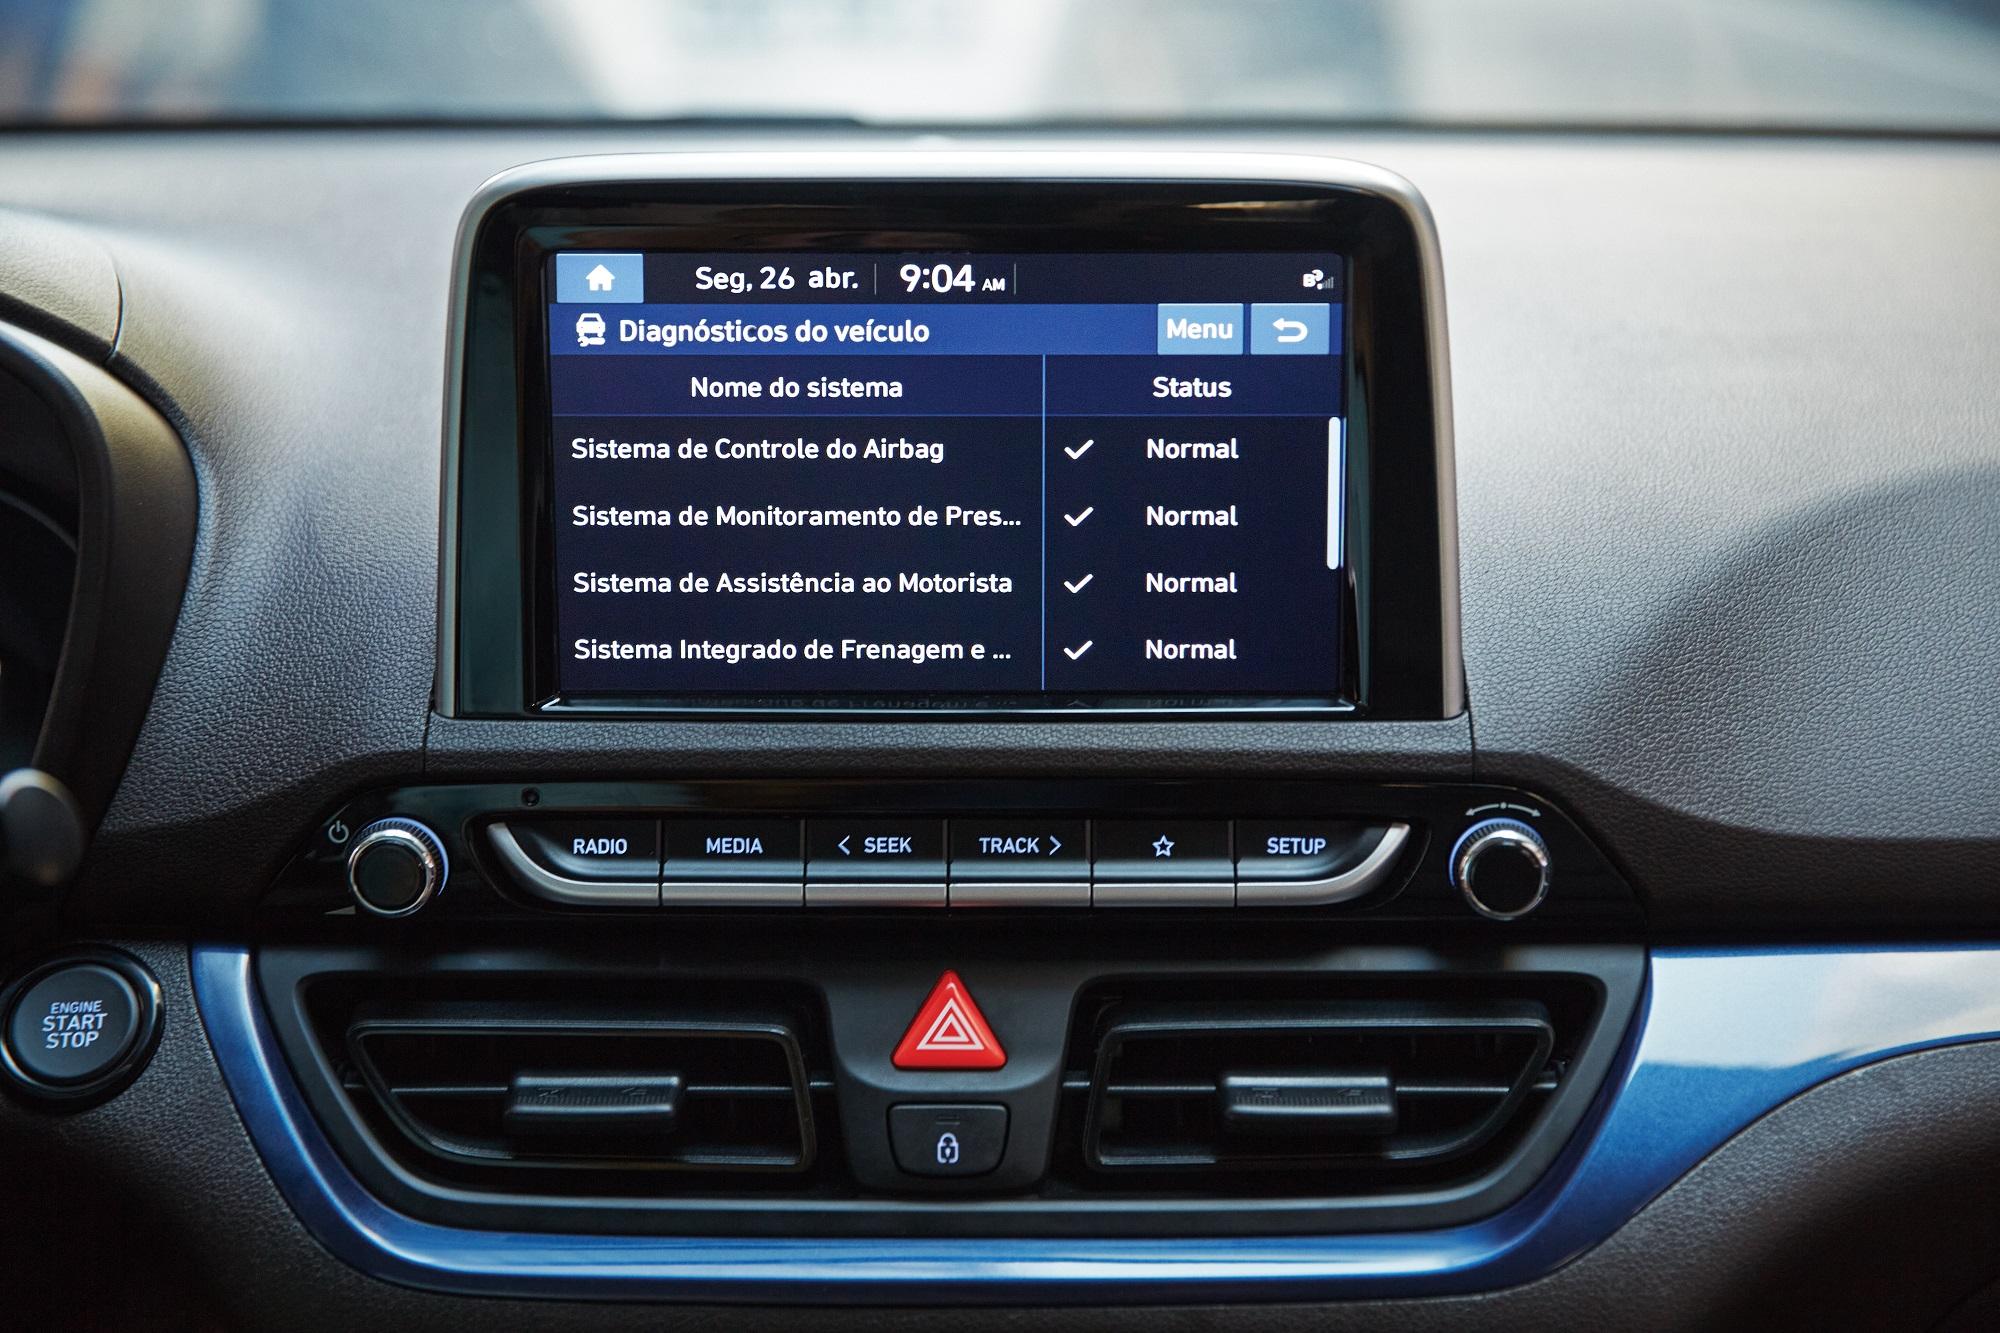 Como o sistema depende de sensores embarcados, não é possível instalá-lo em veículos usados